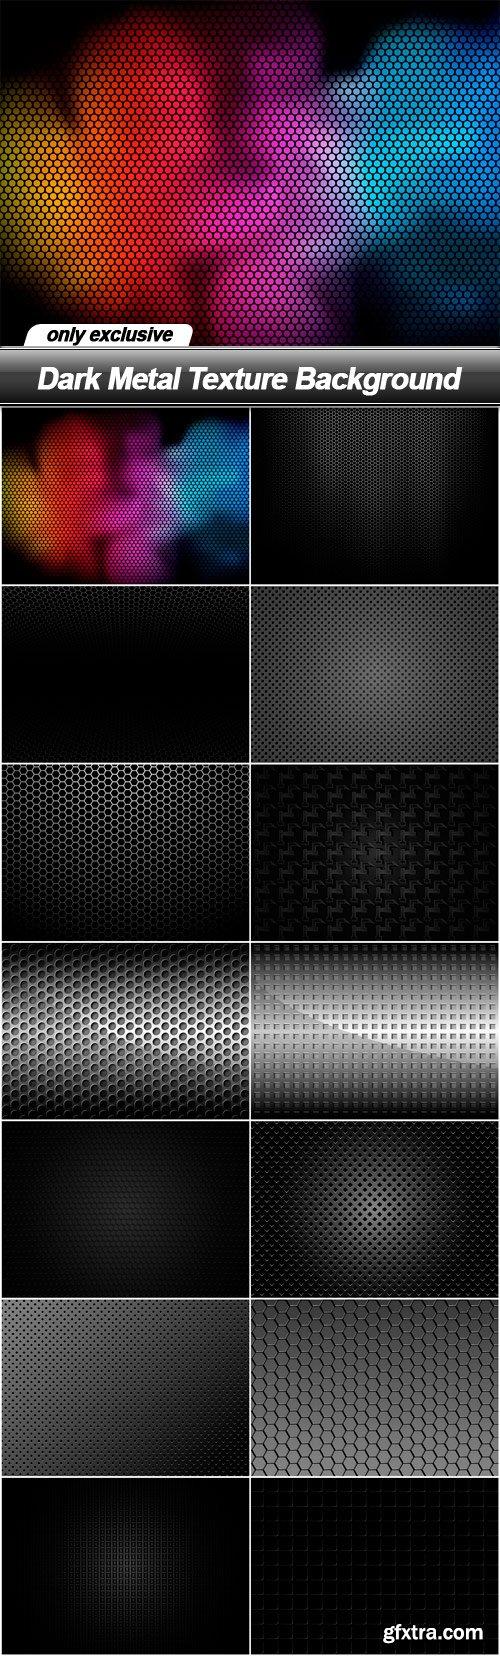 Dark Metal Texture Background - 14 EPS